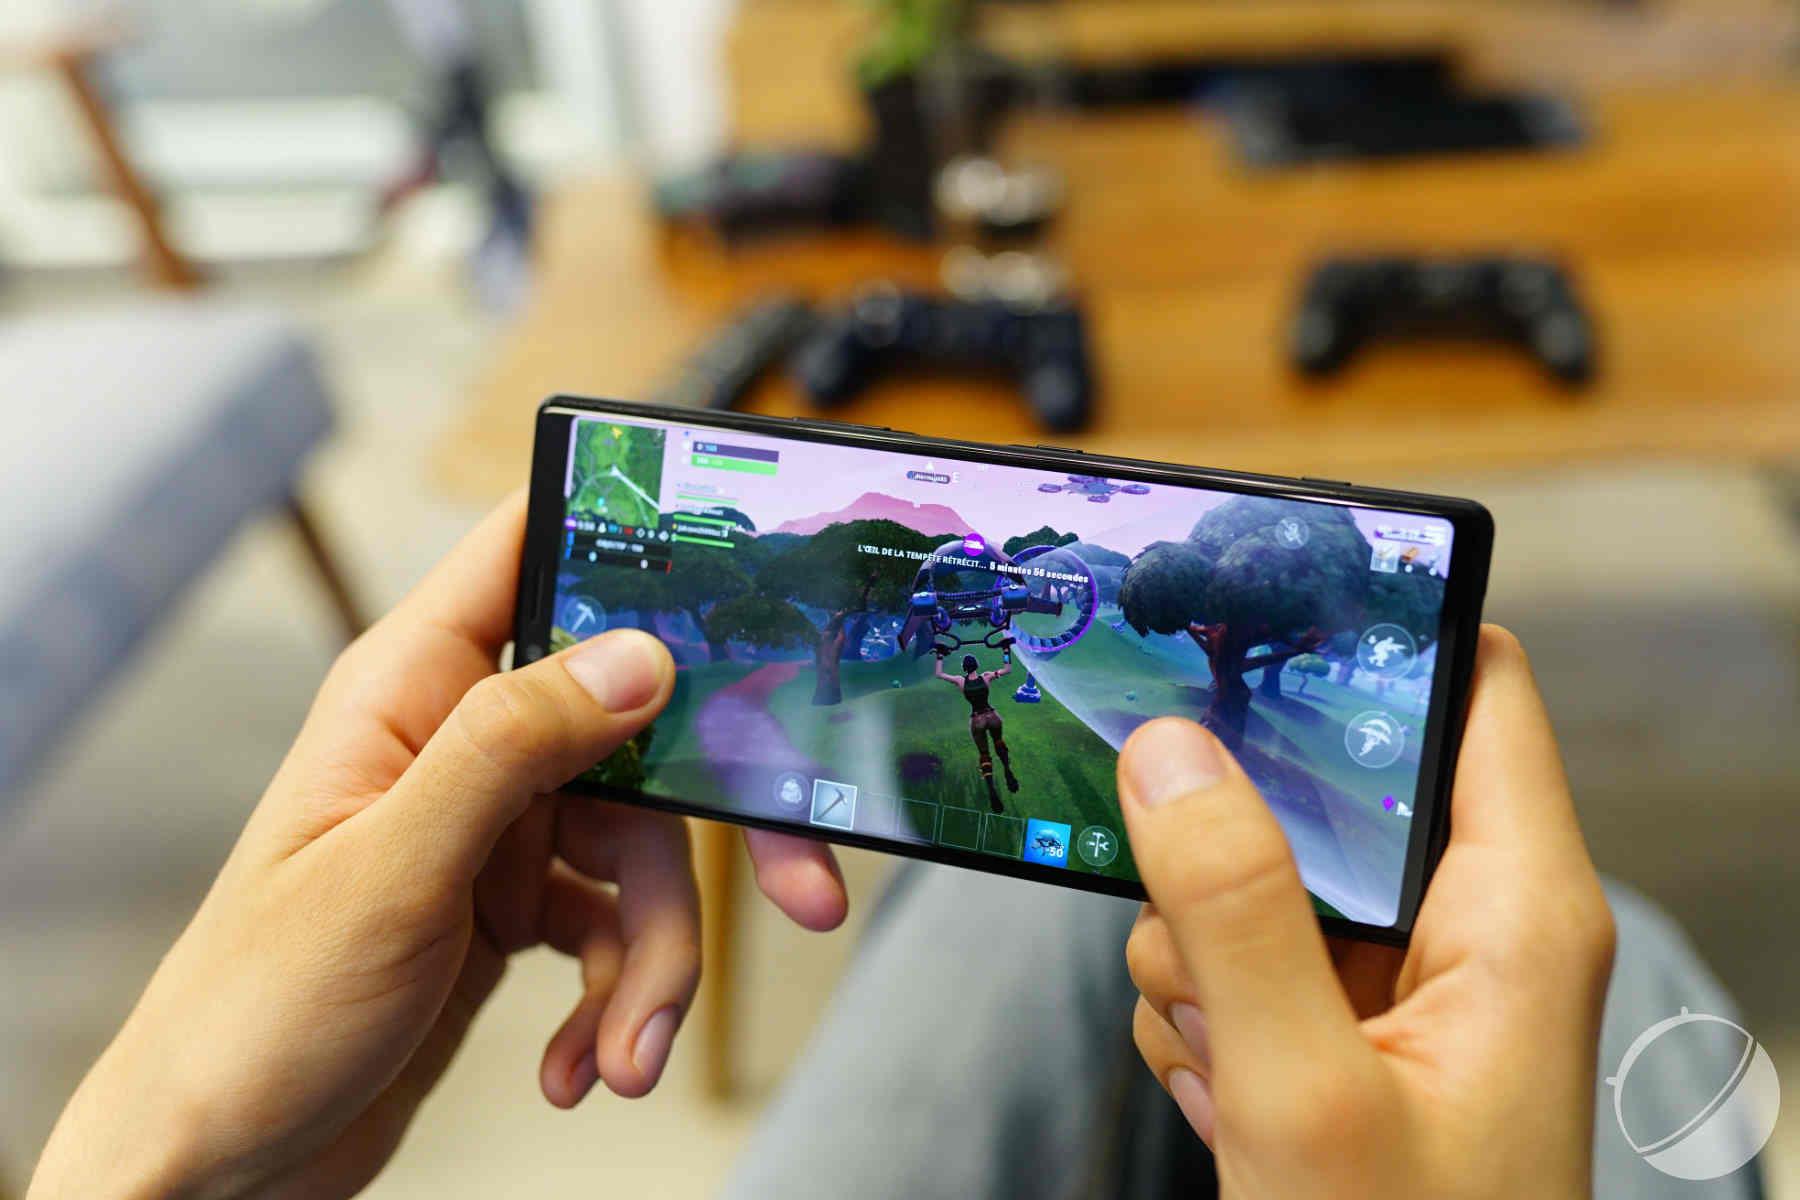 Điện thoại Android sẽ được cập nhật lên tới 4 năm